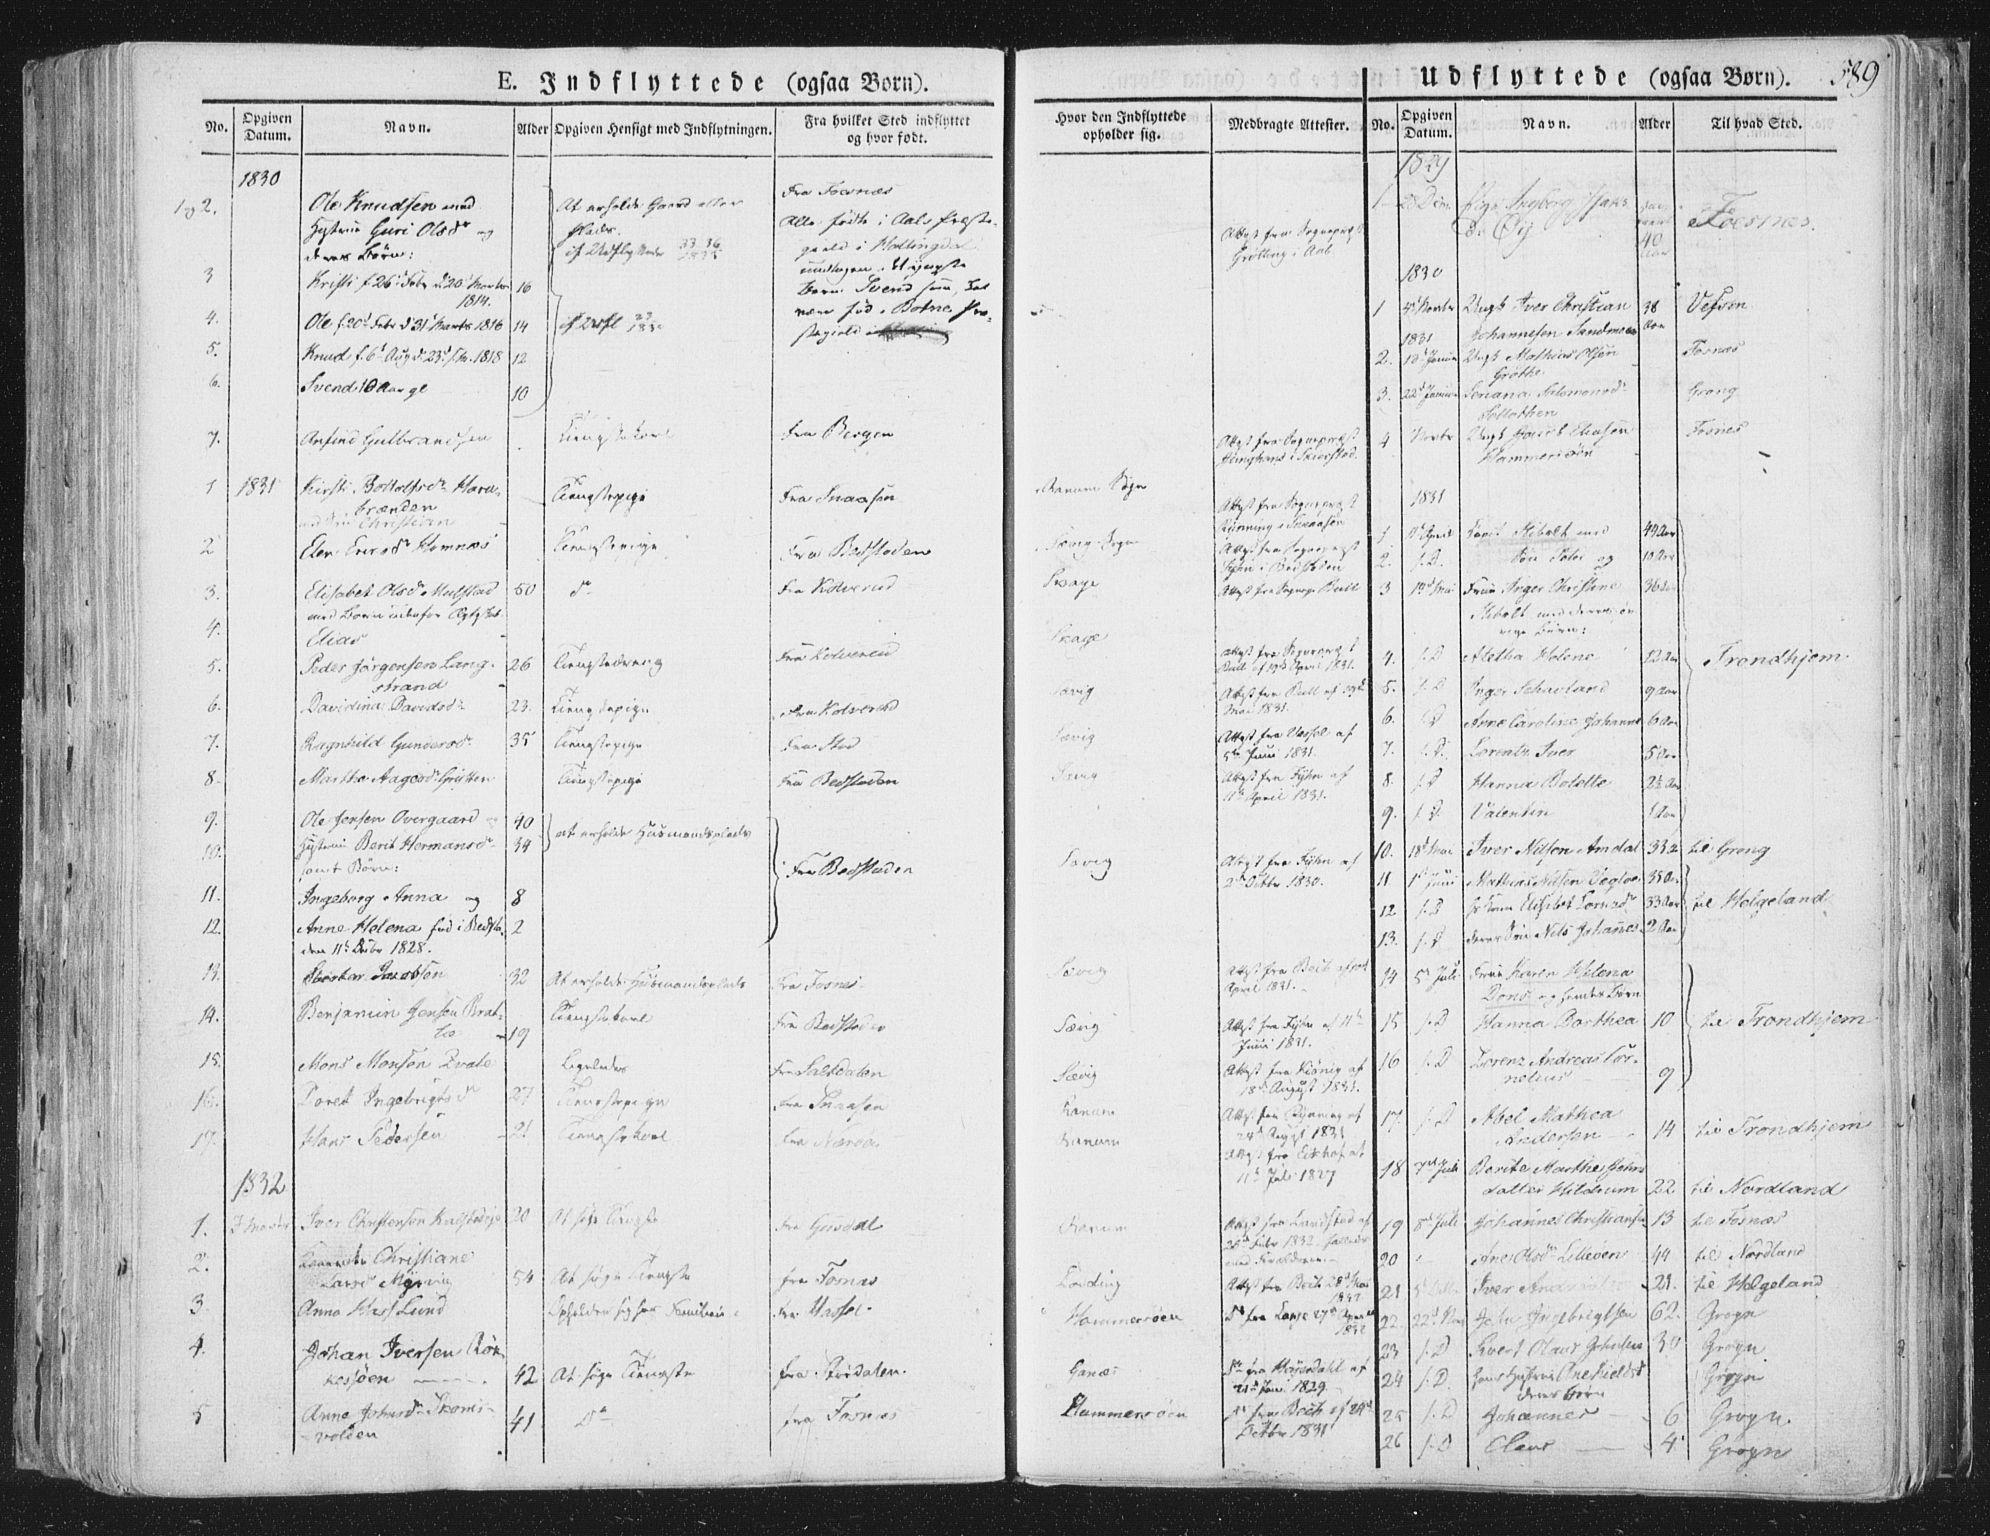 SAT, Ministerialprotokoller, klokkerbøker og fødselsregistre - Nord-Trøndelag, 764/L0552: Ministerialbok nr. 764A07b, 1824-1865, s. 589